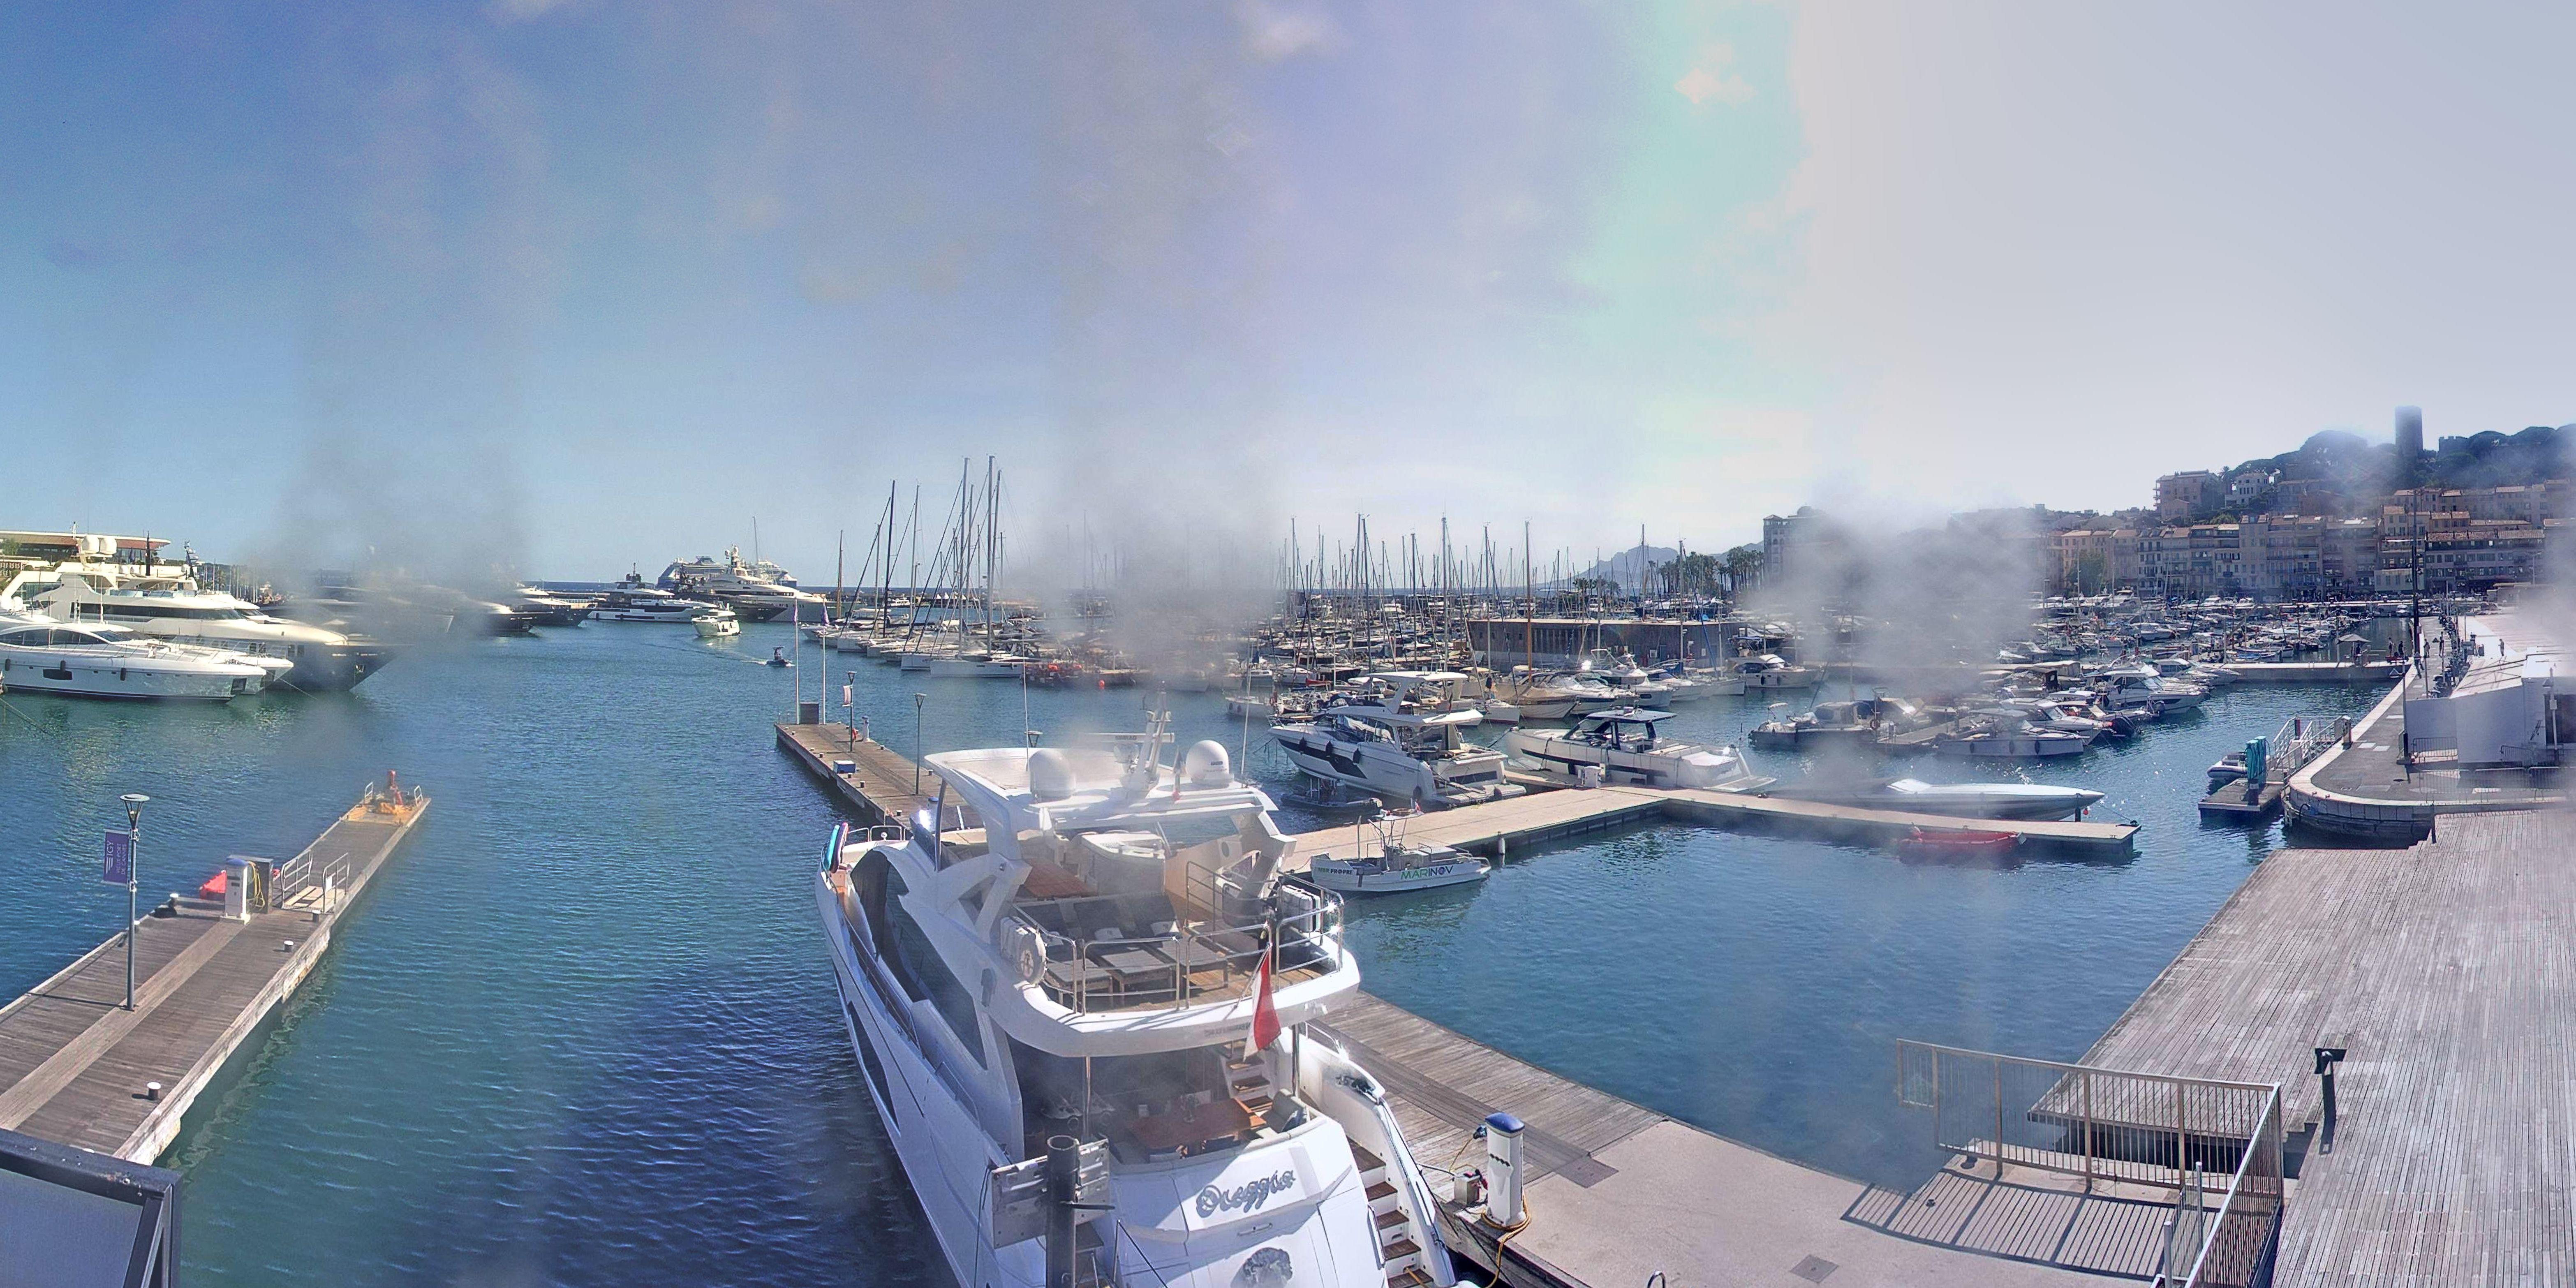 Cannes Di. 18:36